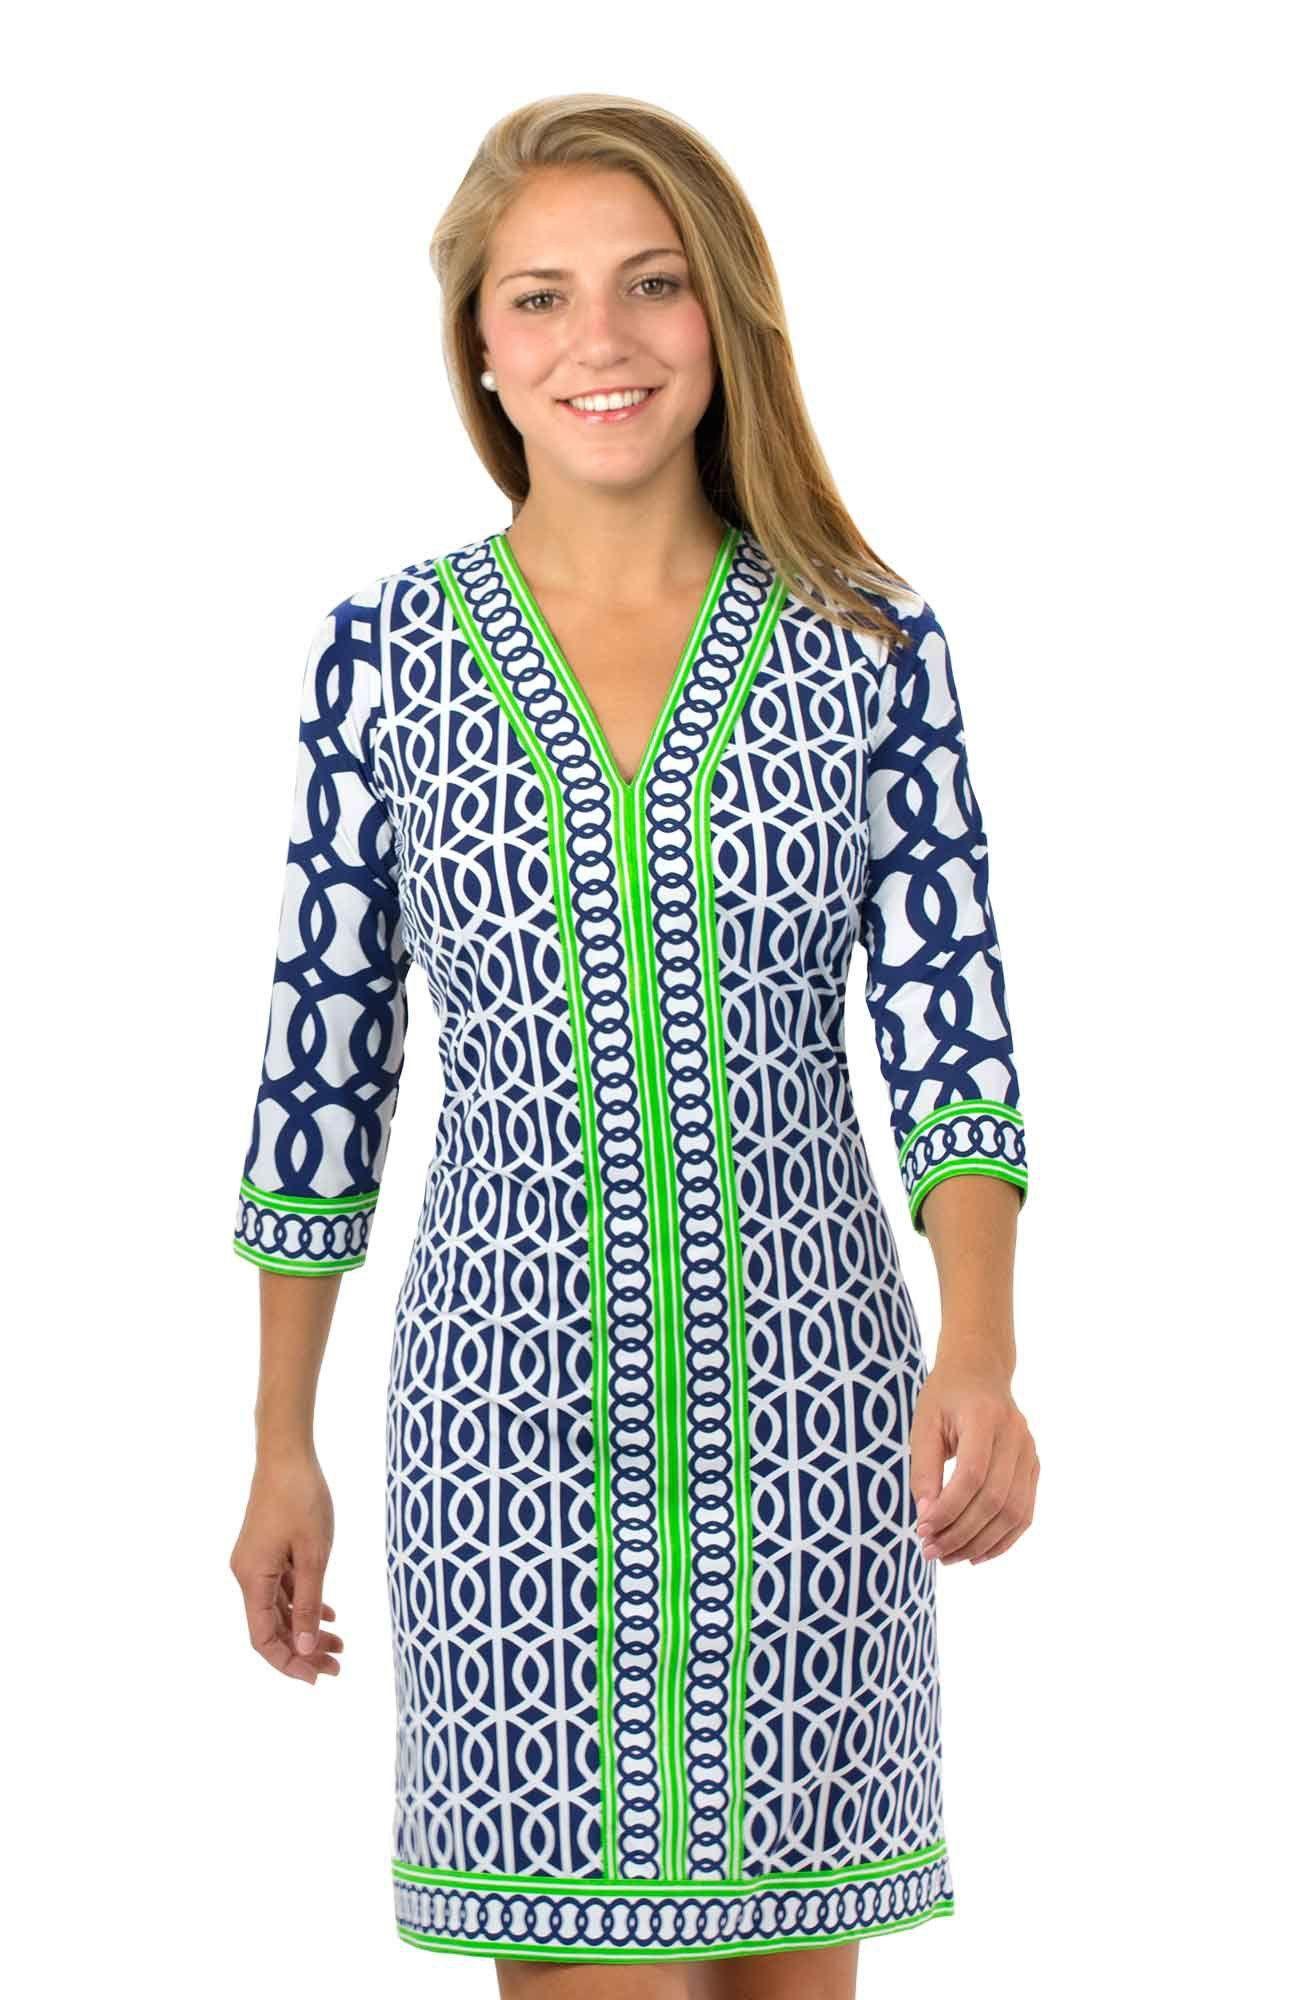 6eaae466d5 Another great Gretchen Scott dress